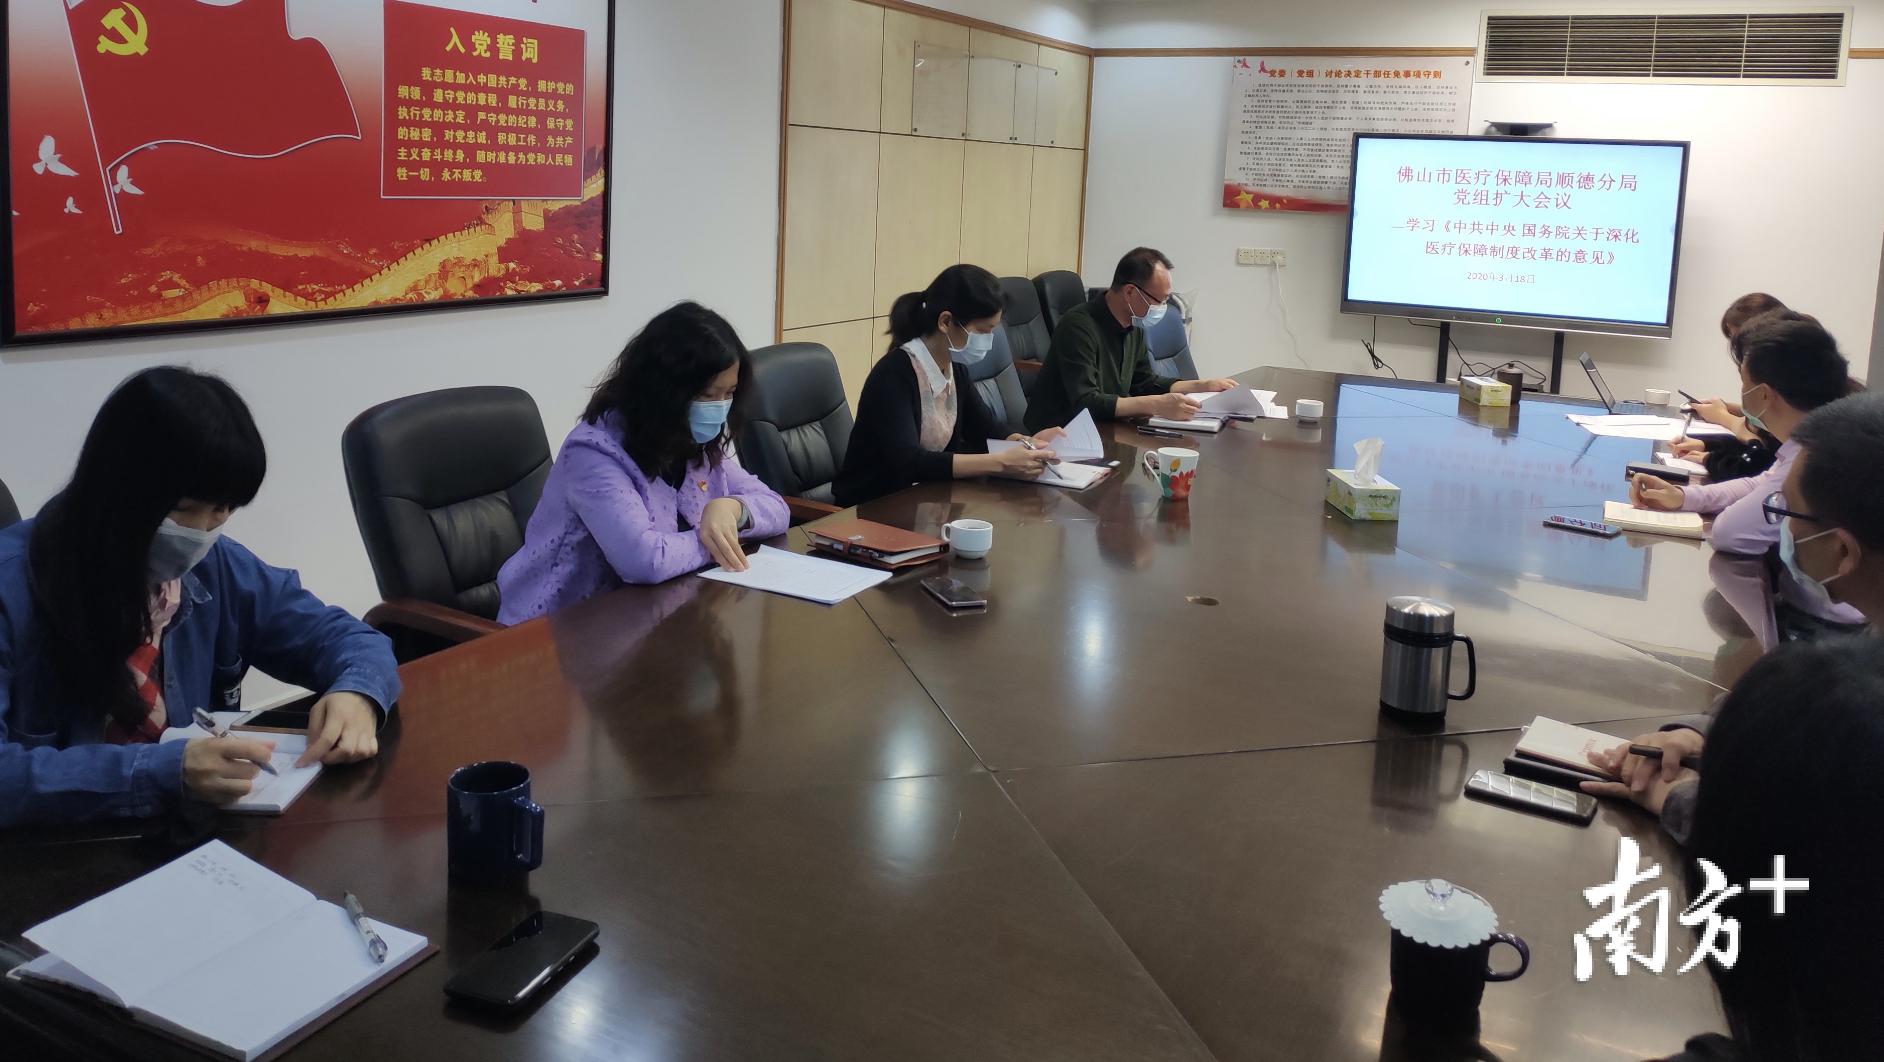 3月18日上午,佛山市医疗保障局顺德分局召开党组扩大会议。